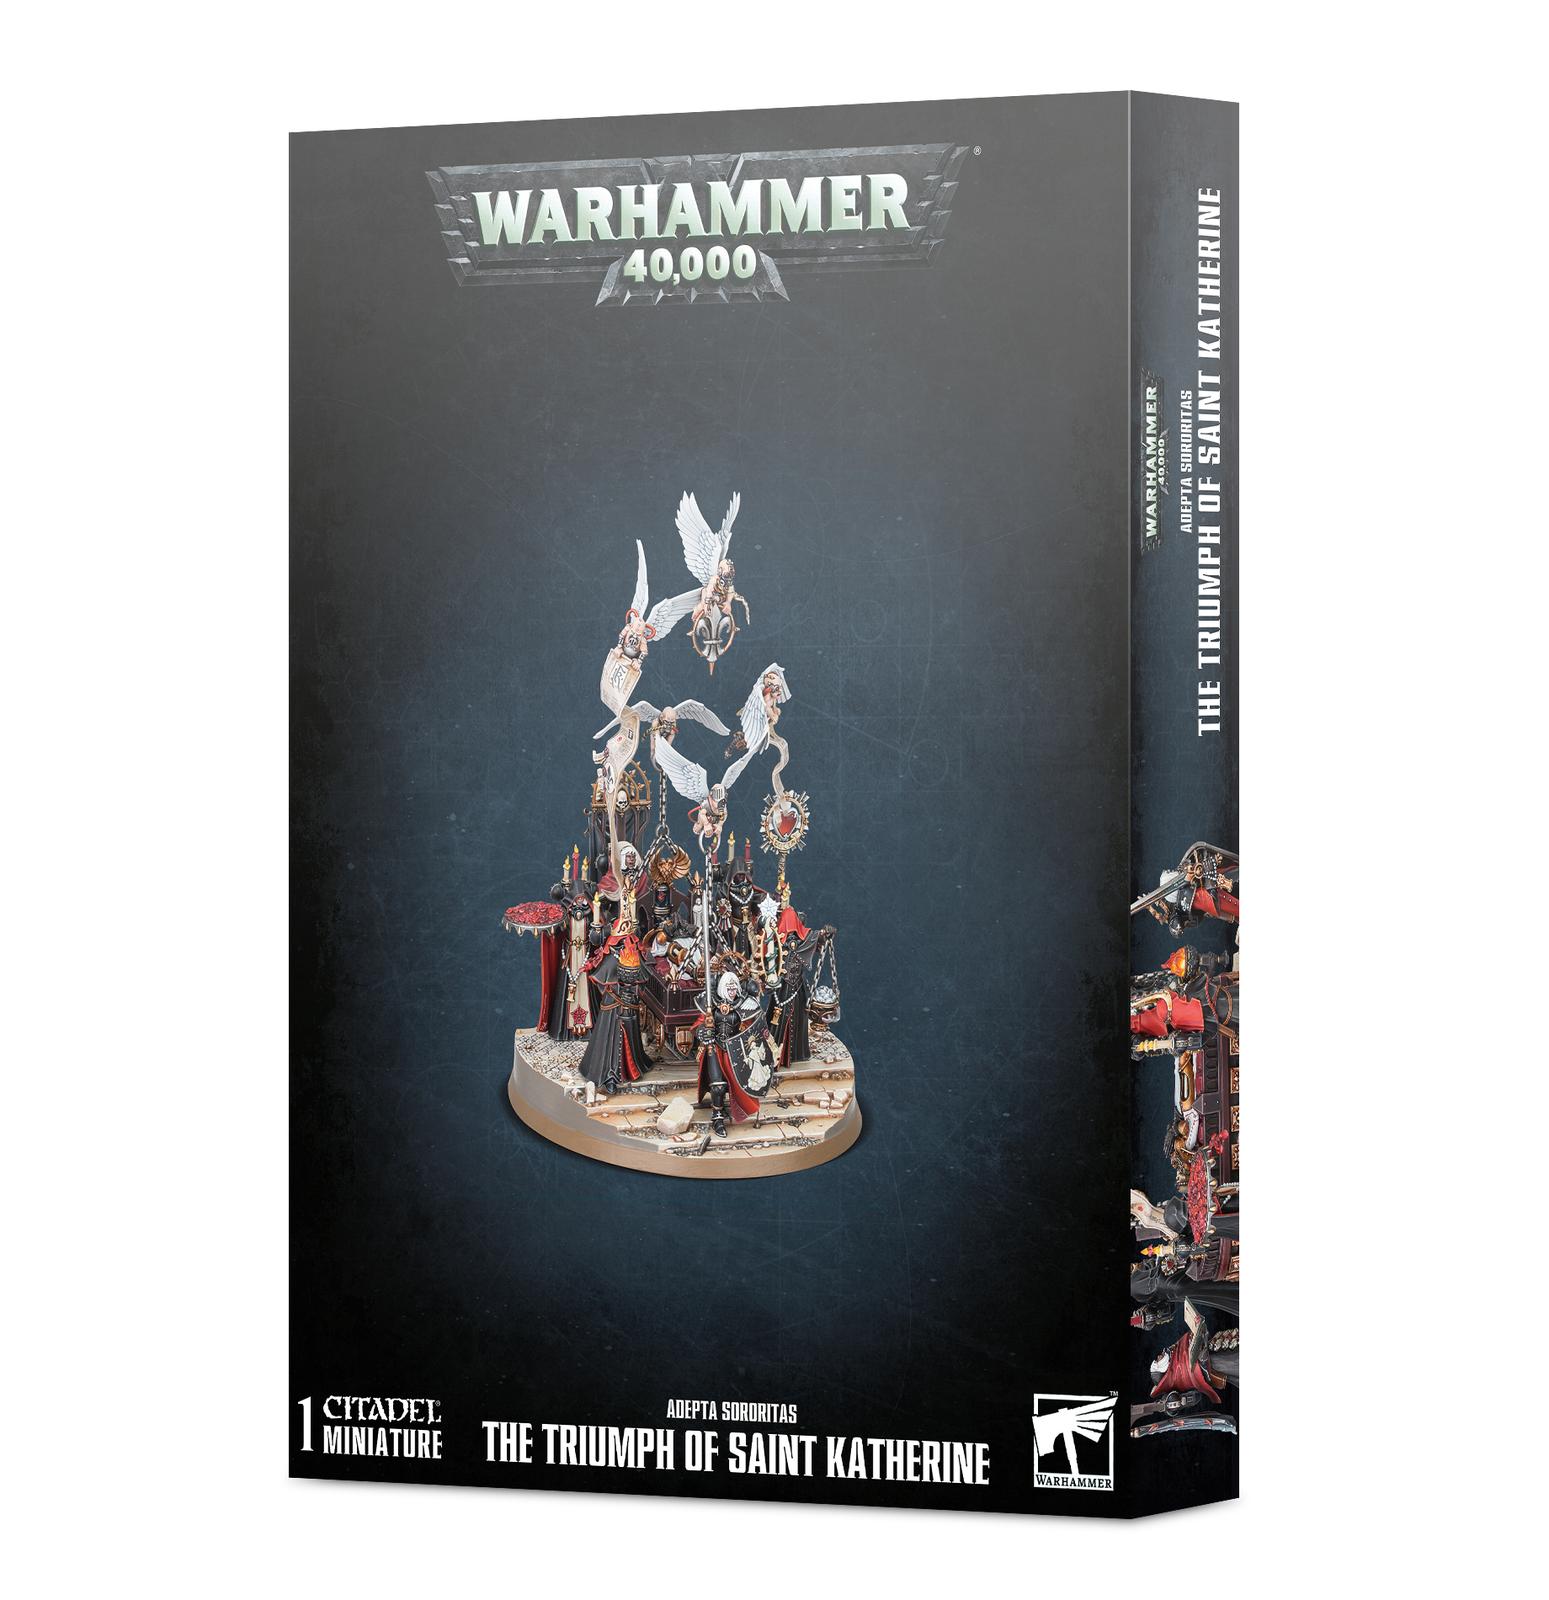 Warhammer 40,000: Adepta Sororitas The Triumph of St. Katherine image